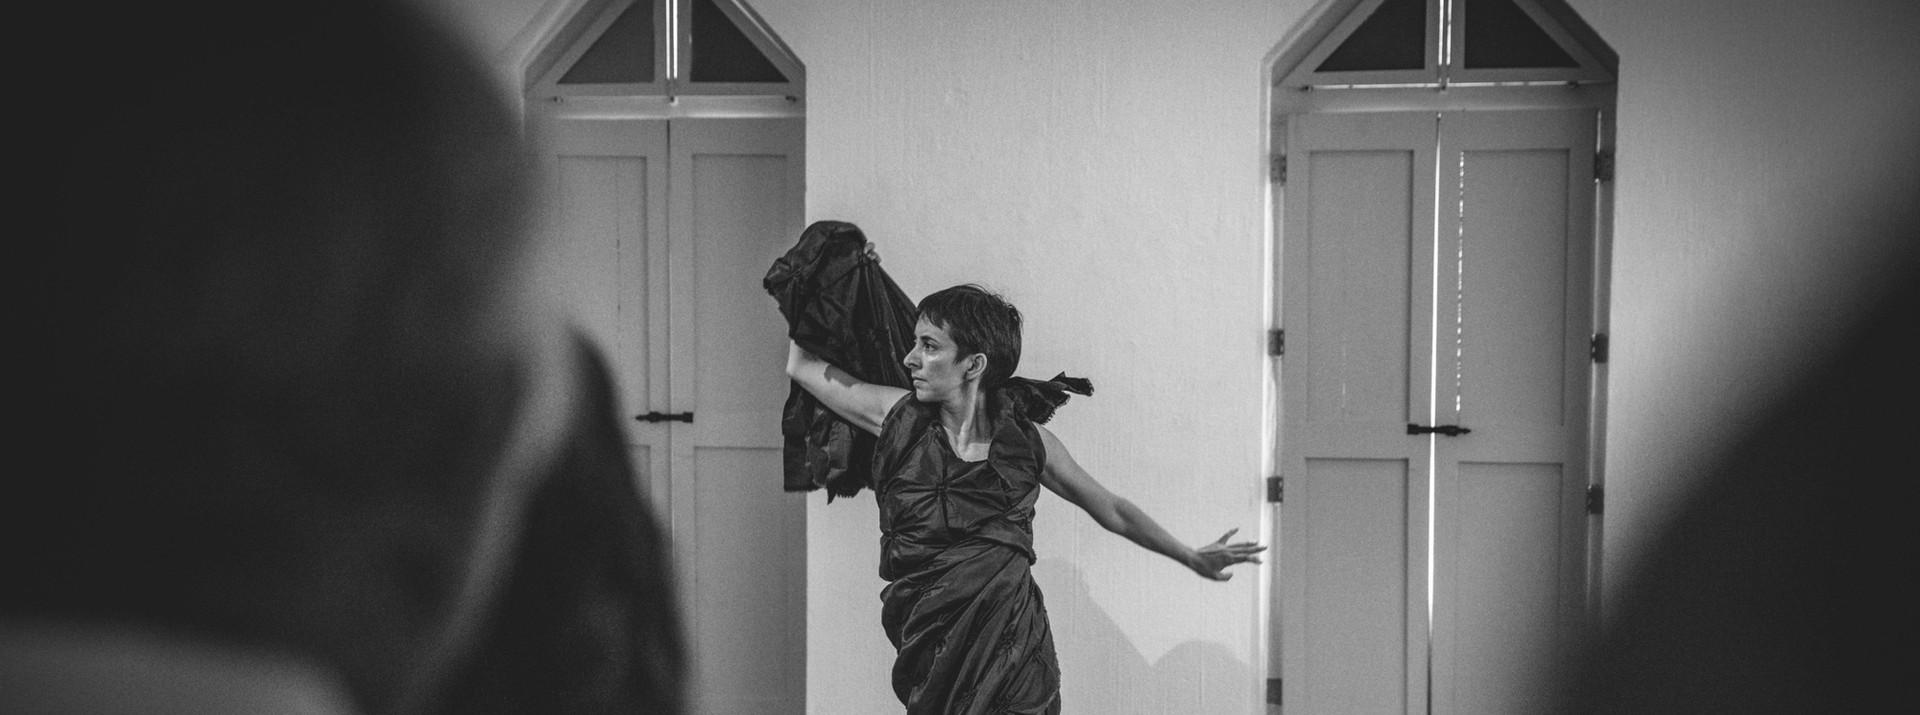 Performance para intervernir la inuaguración de la obra Espaciós Latentes replanteados de Ana Baer en el Congreso Internacional de Artes Escénicas, Alternativas para la enseñanza y la creación en el ambiente universitario. MACAZ, Morelia, Mich. 2019